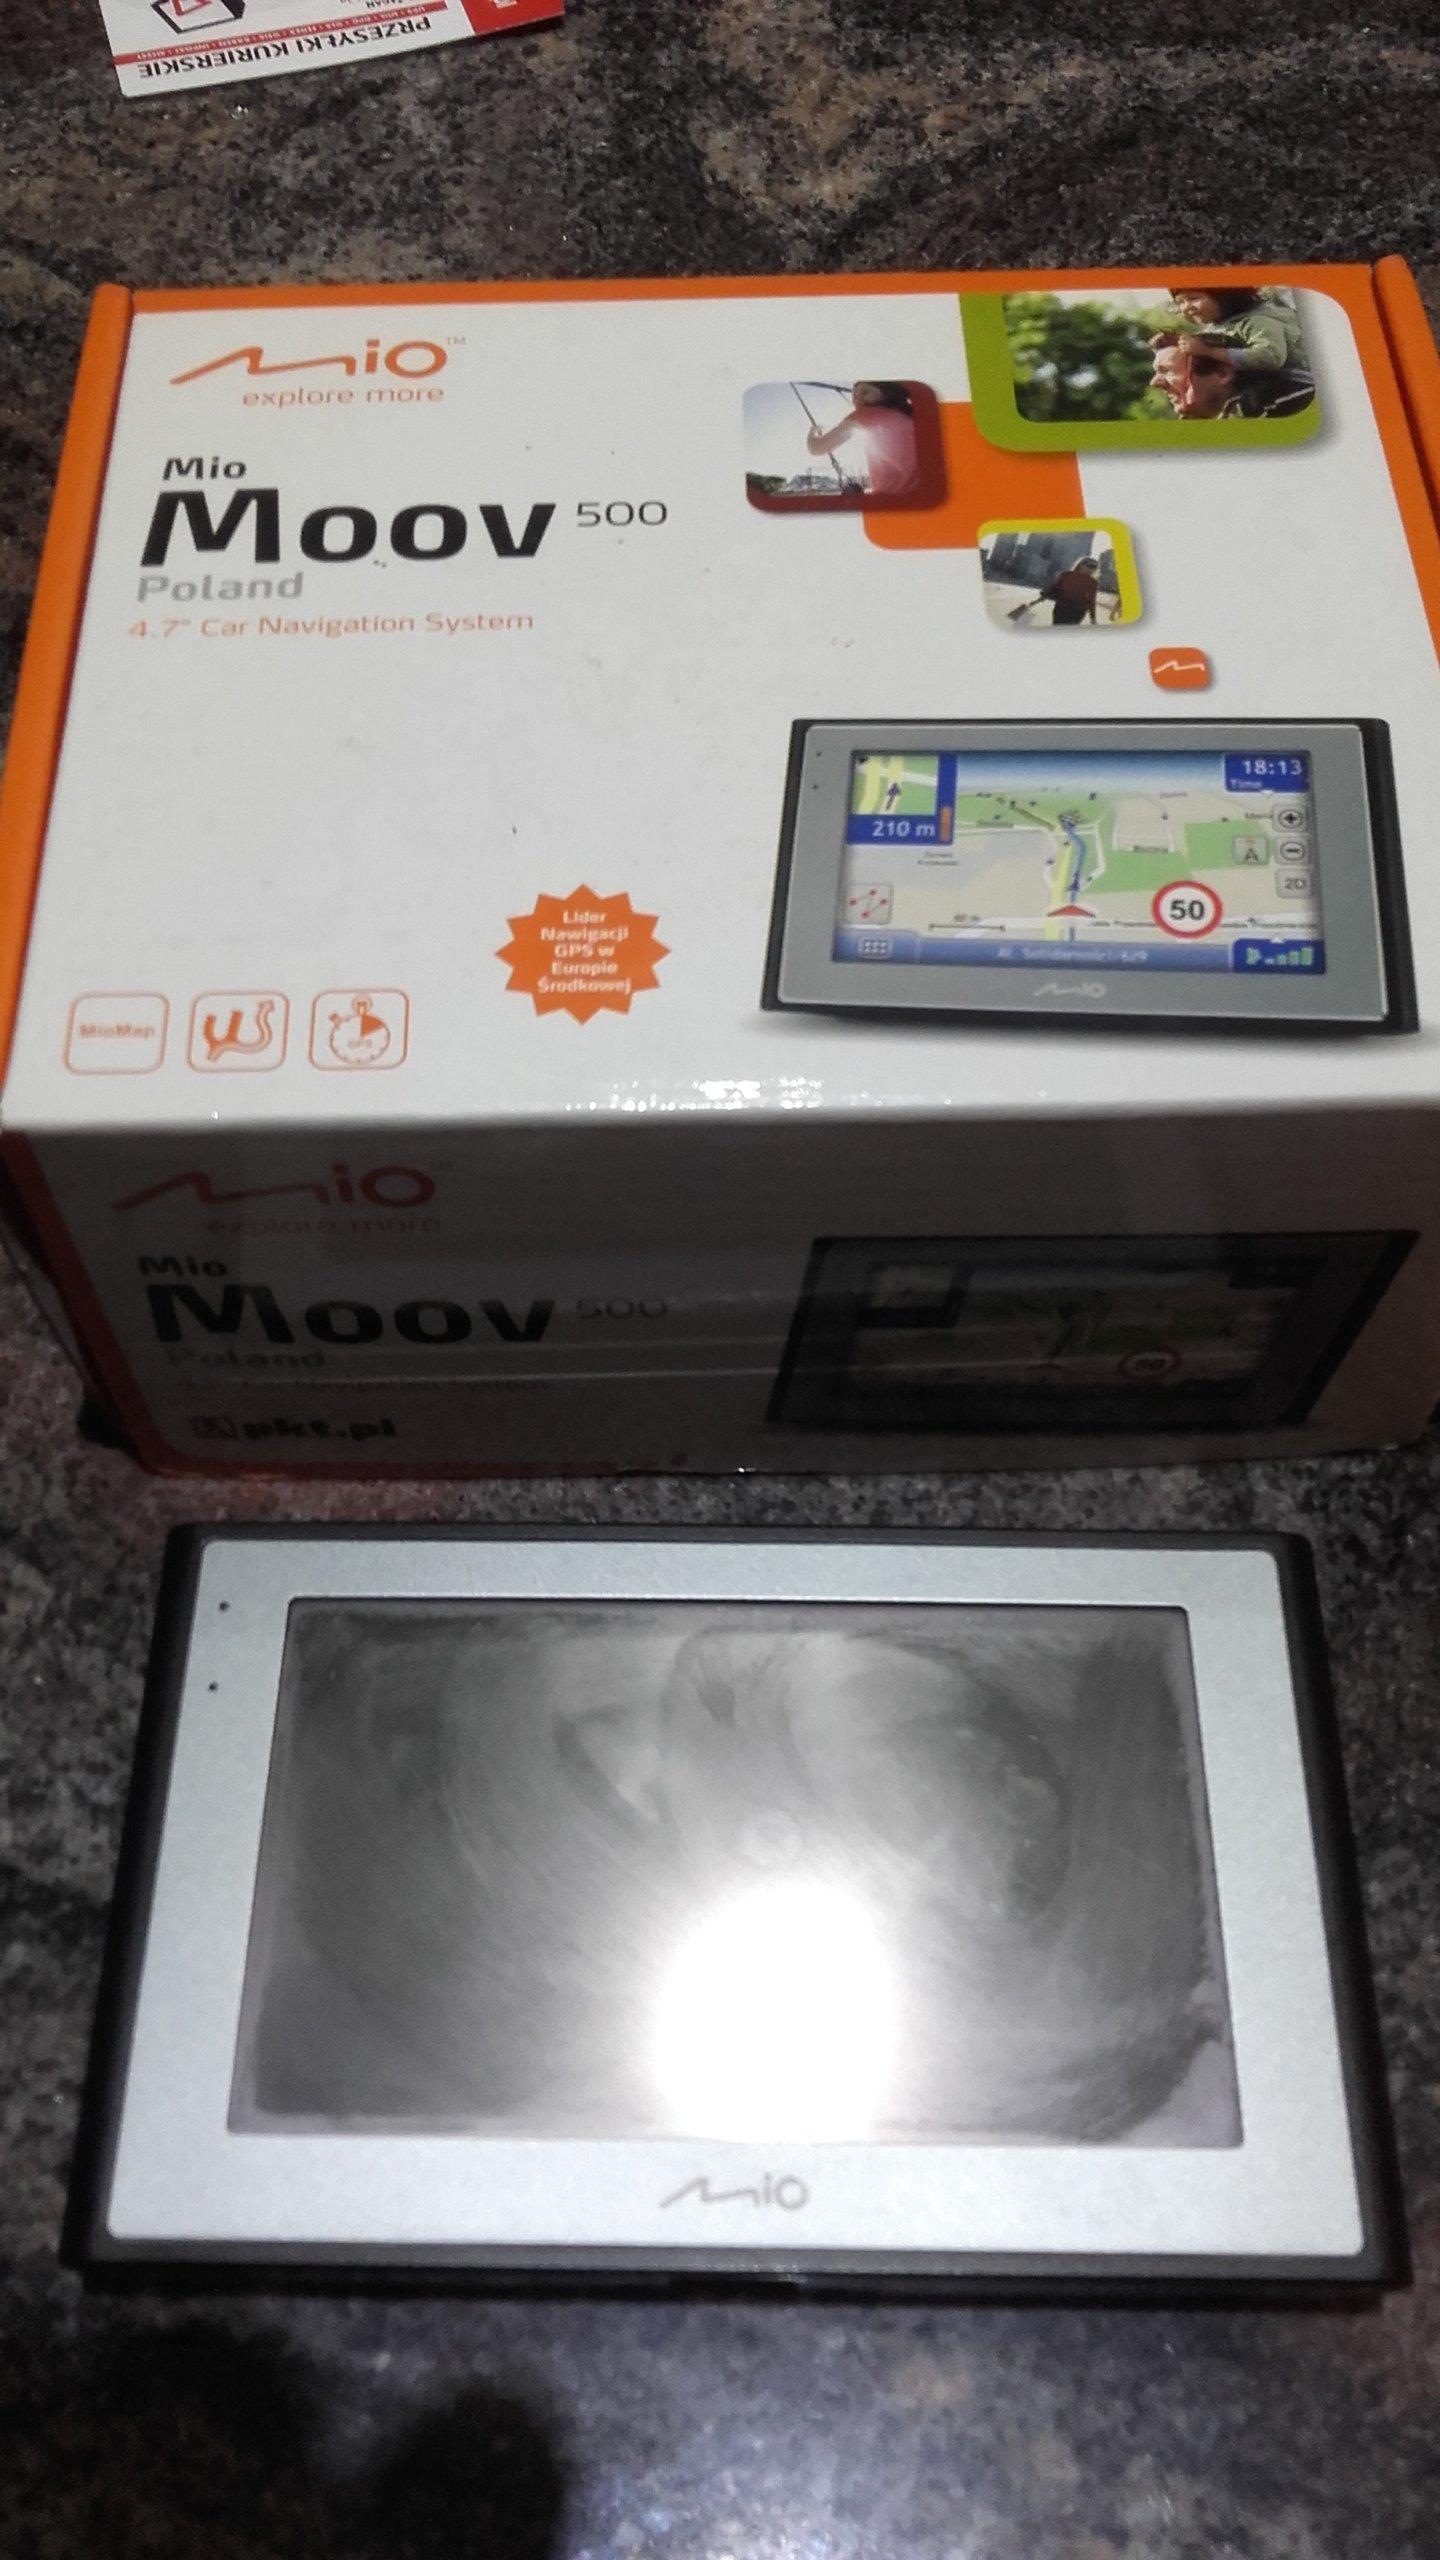 nawigacja gps Mio Moov 500